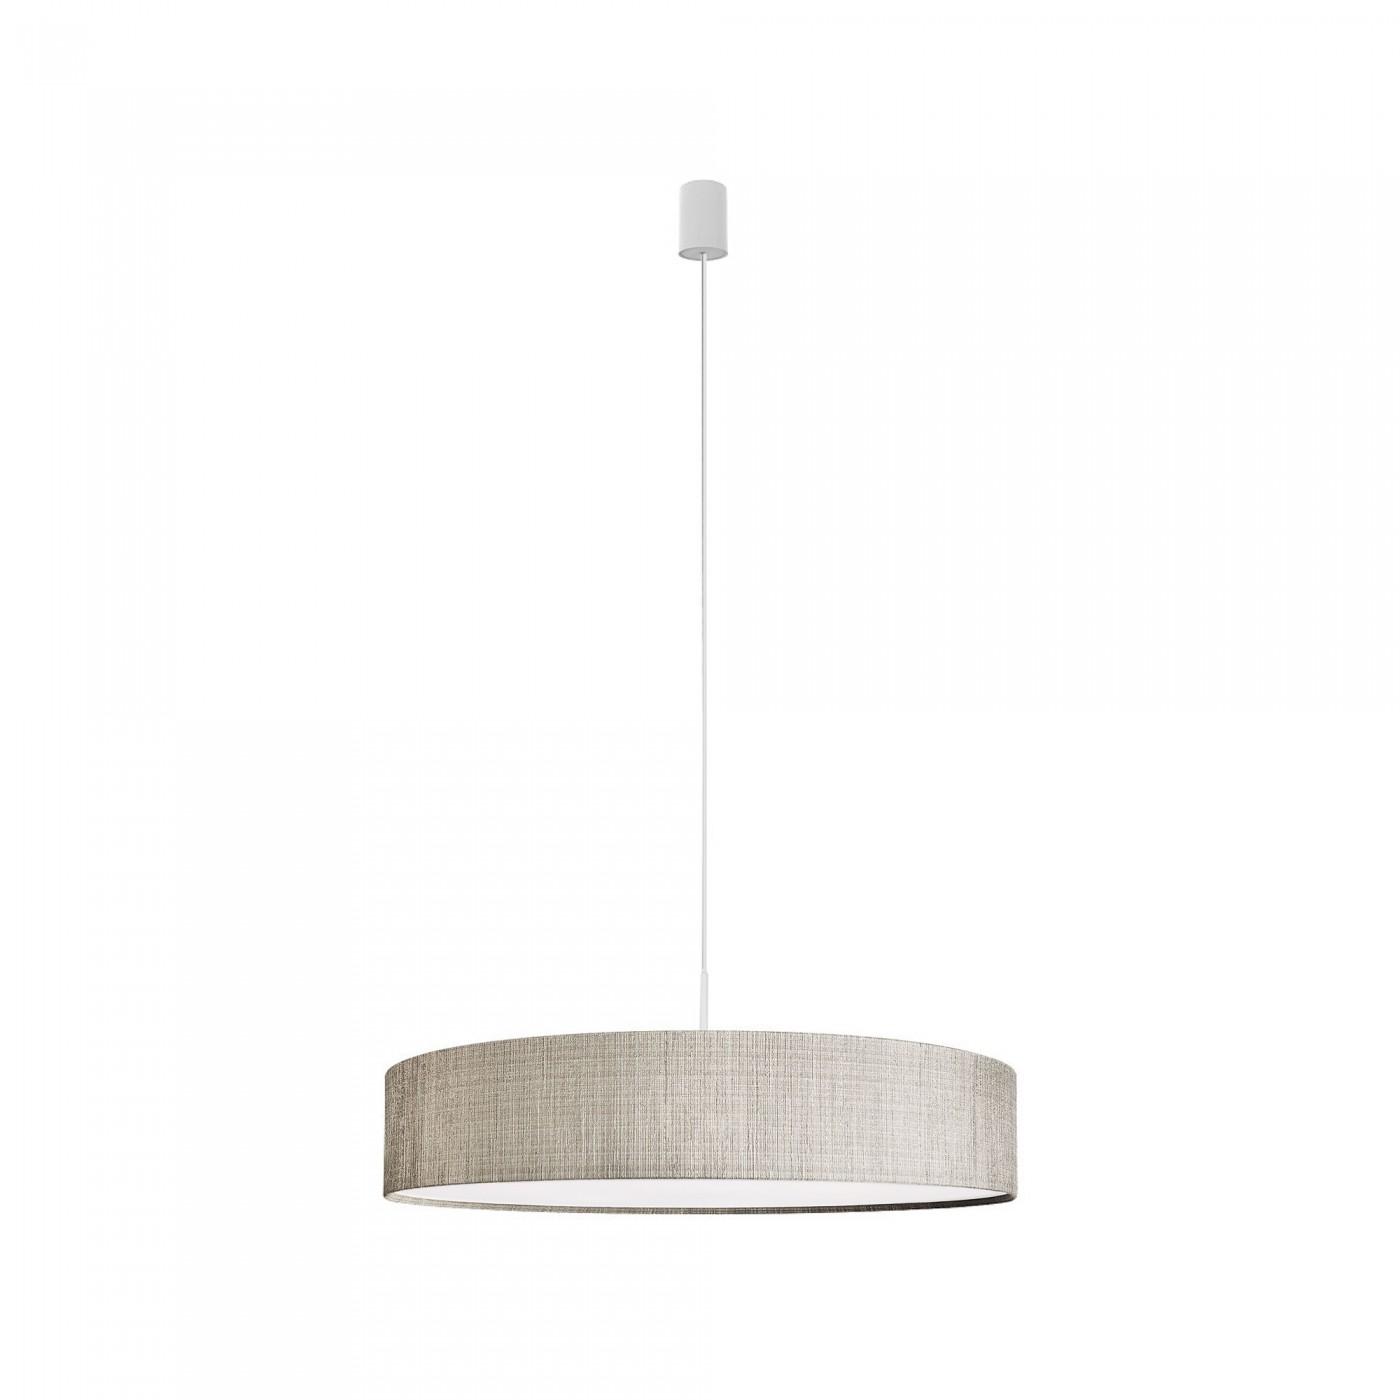 TURDA ⌀65  8947 Nowodvorski Lighting